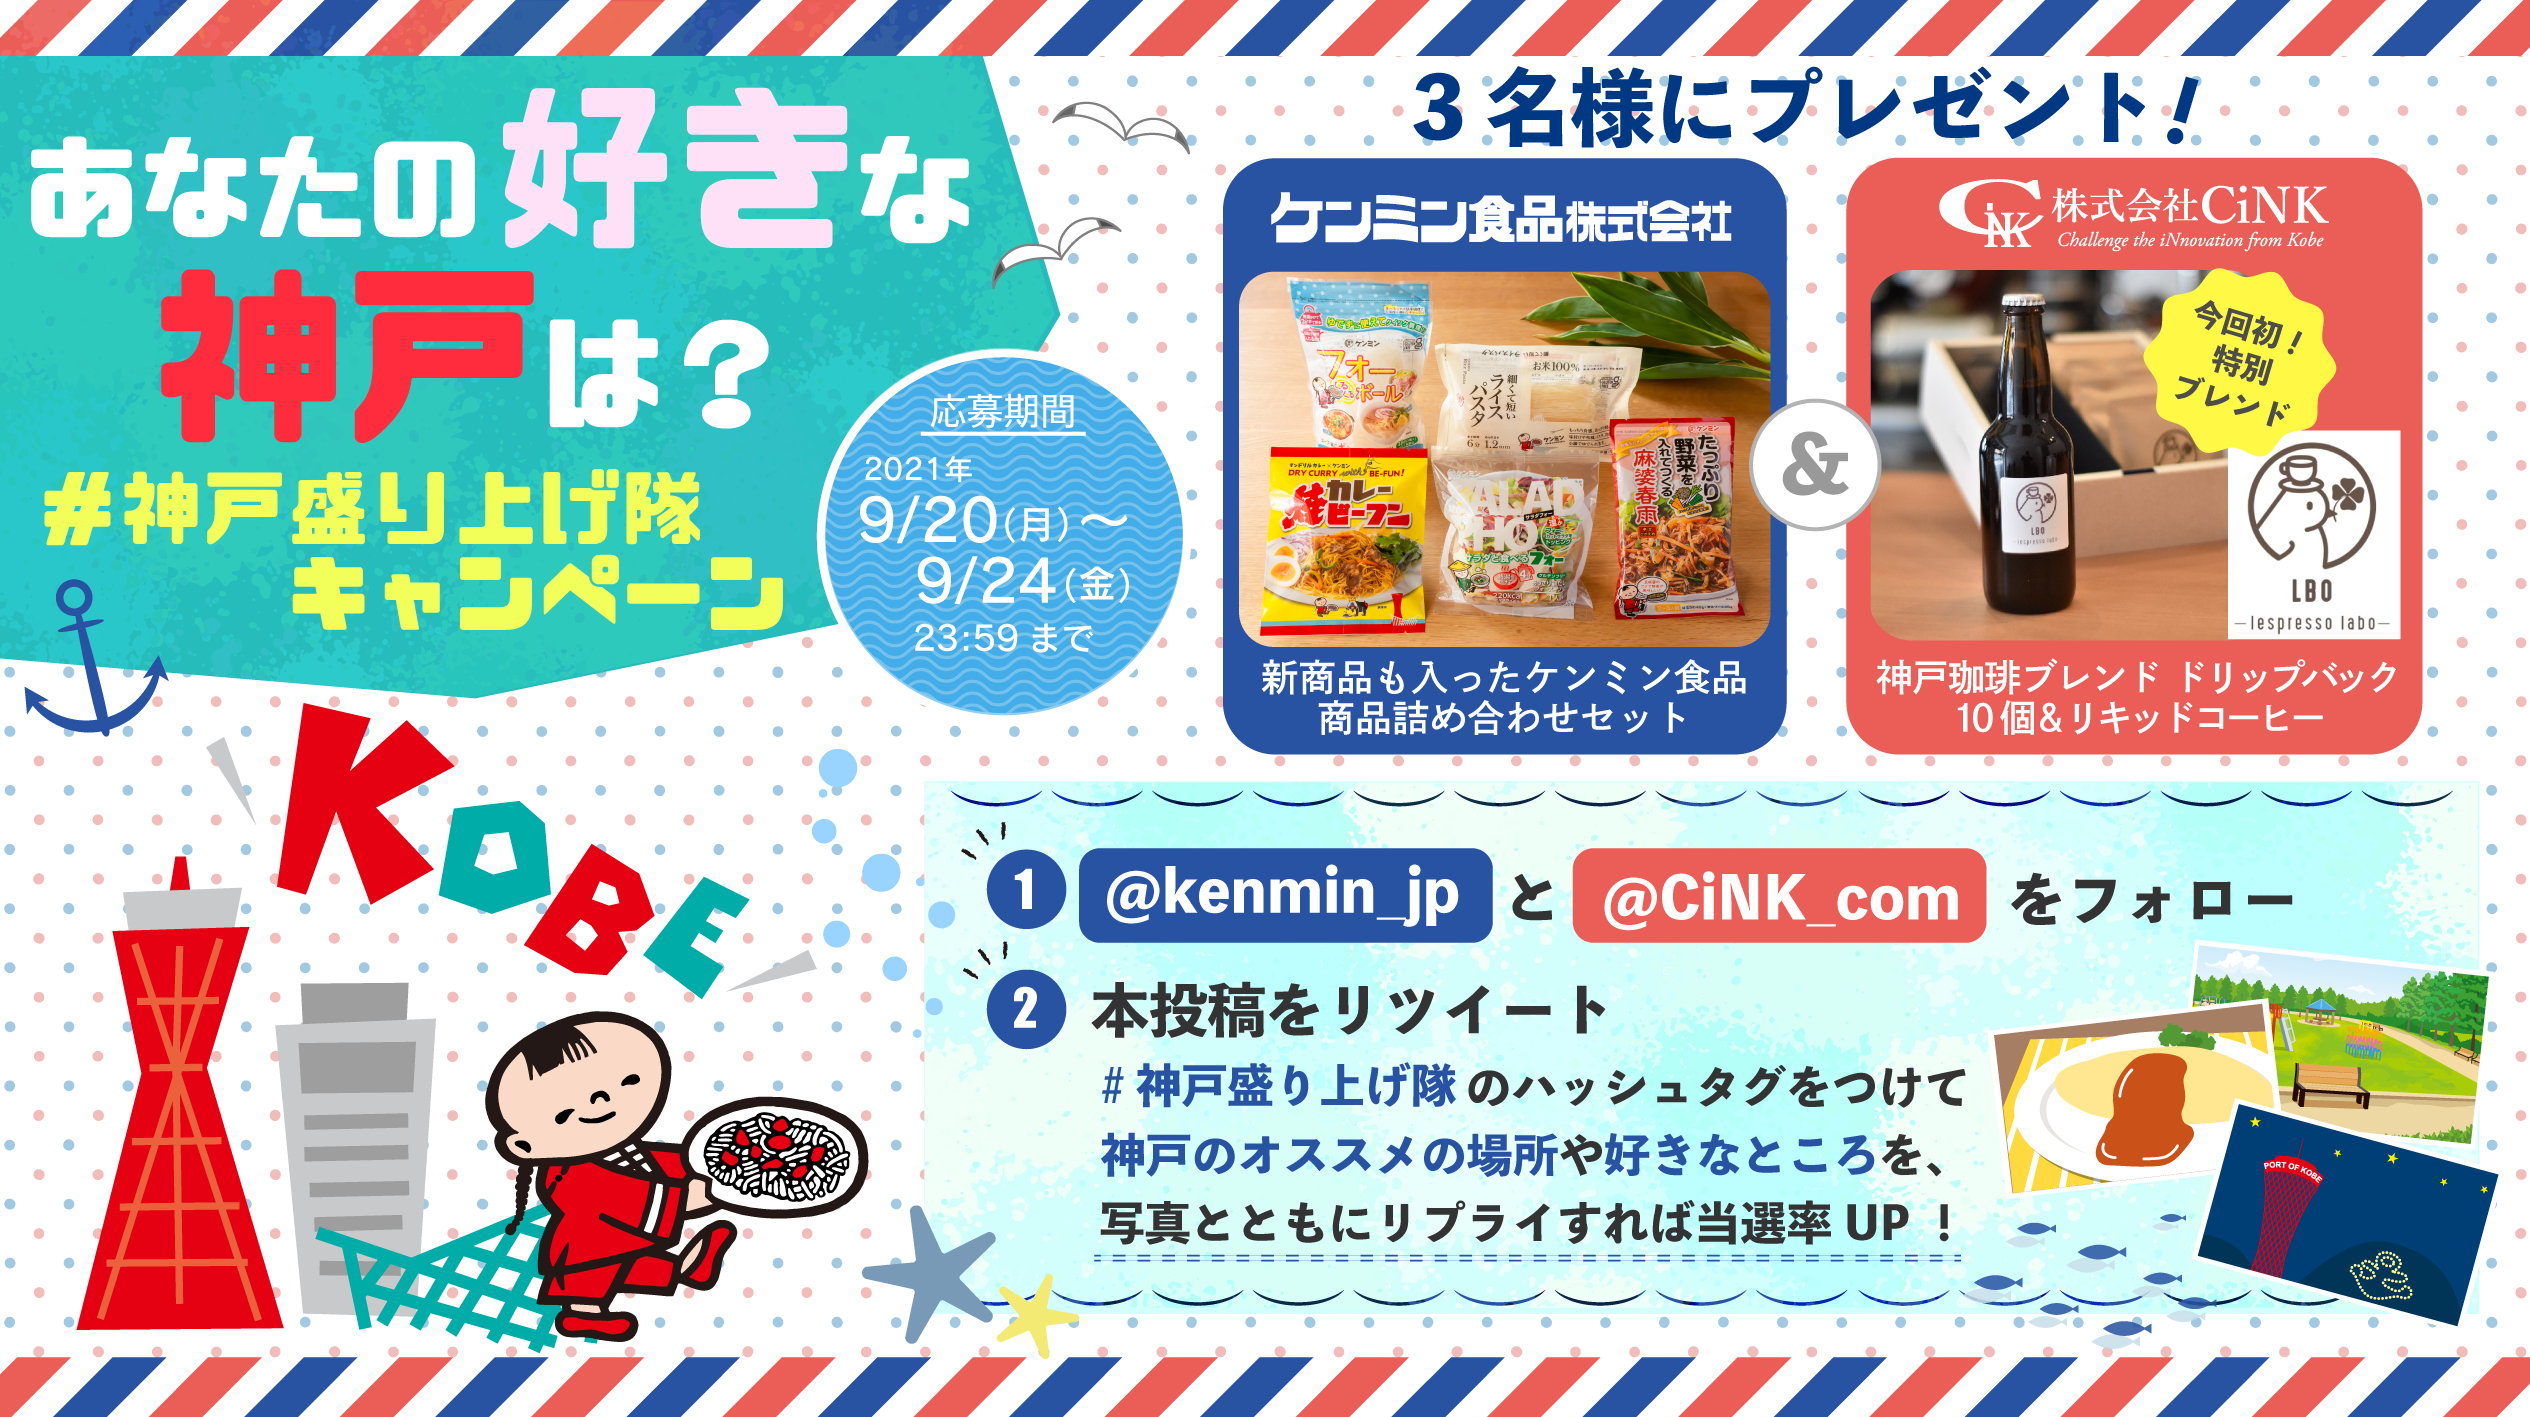 ケンミン公式Twitterフォロー&神戸盛り上げ隊